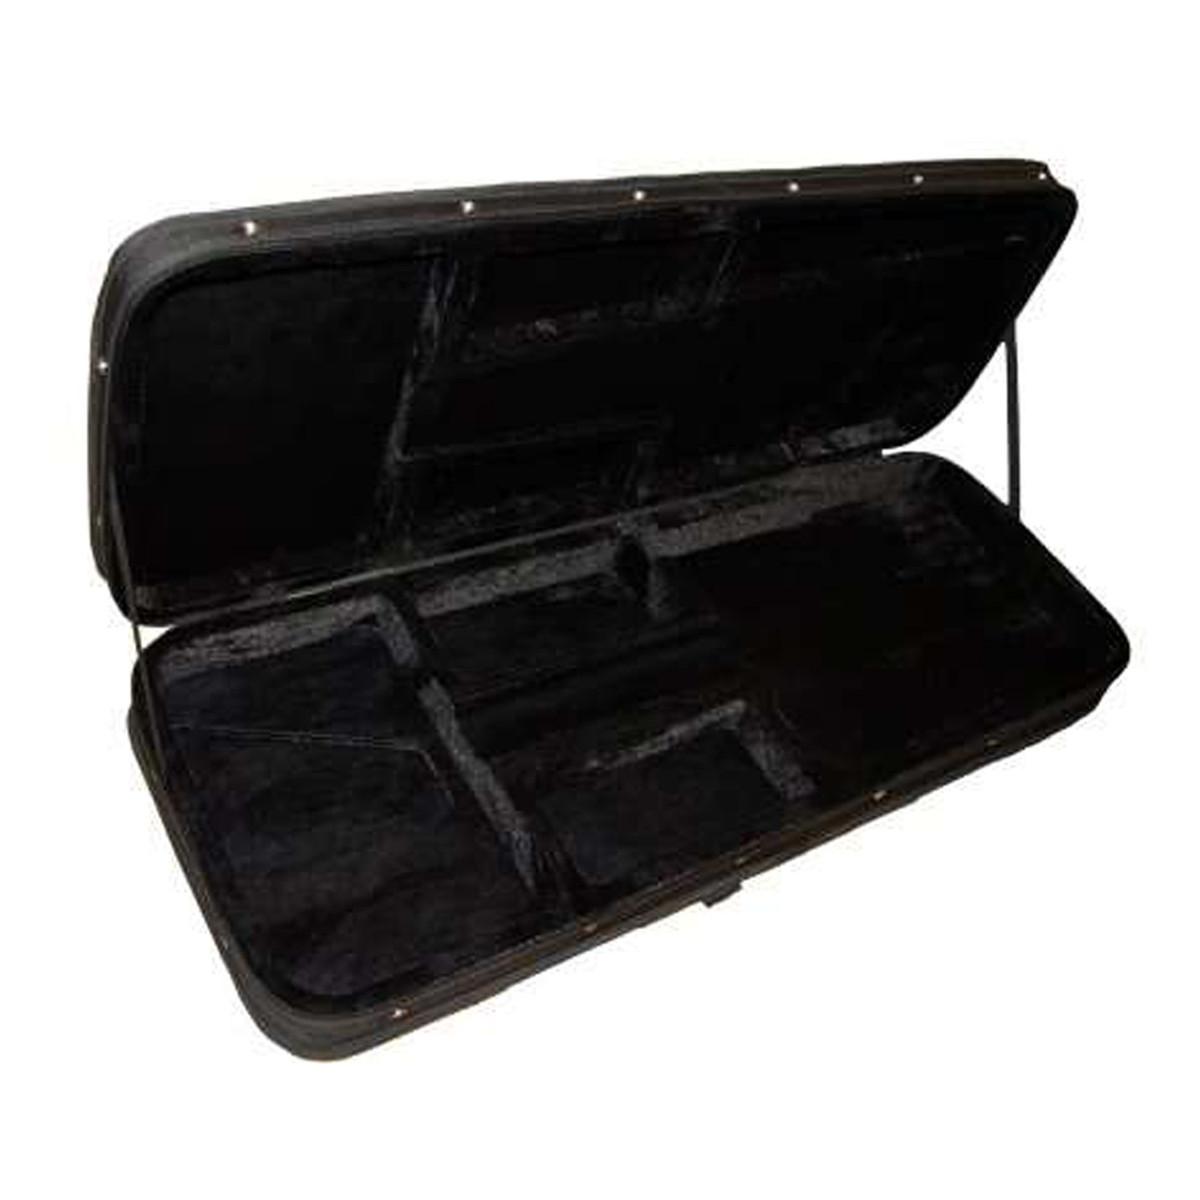 kinsman hard foam electric guitar case black at gear4music. Black Bedroom Furniture Sets. Home Design Ideas